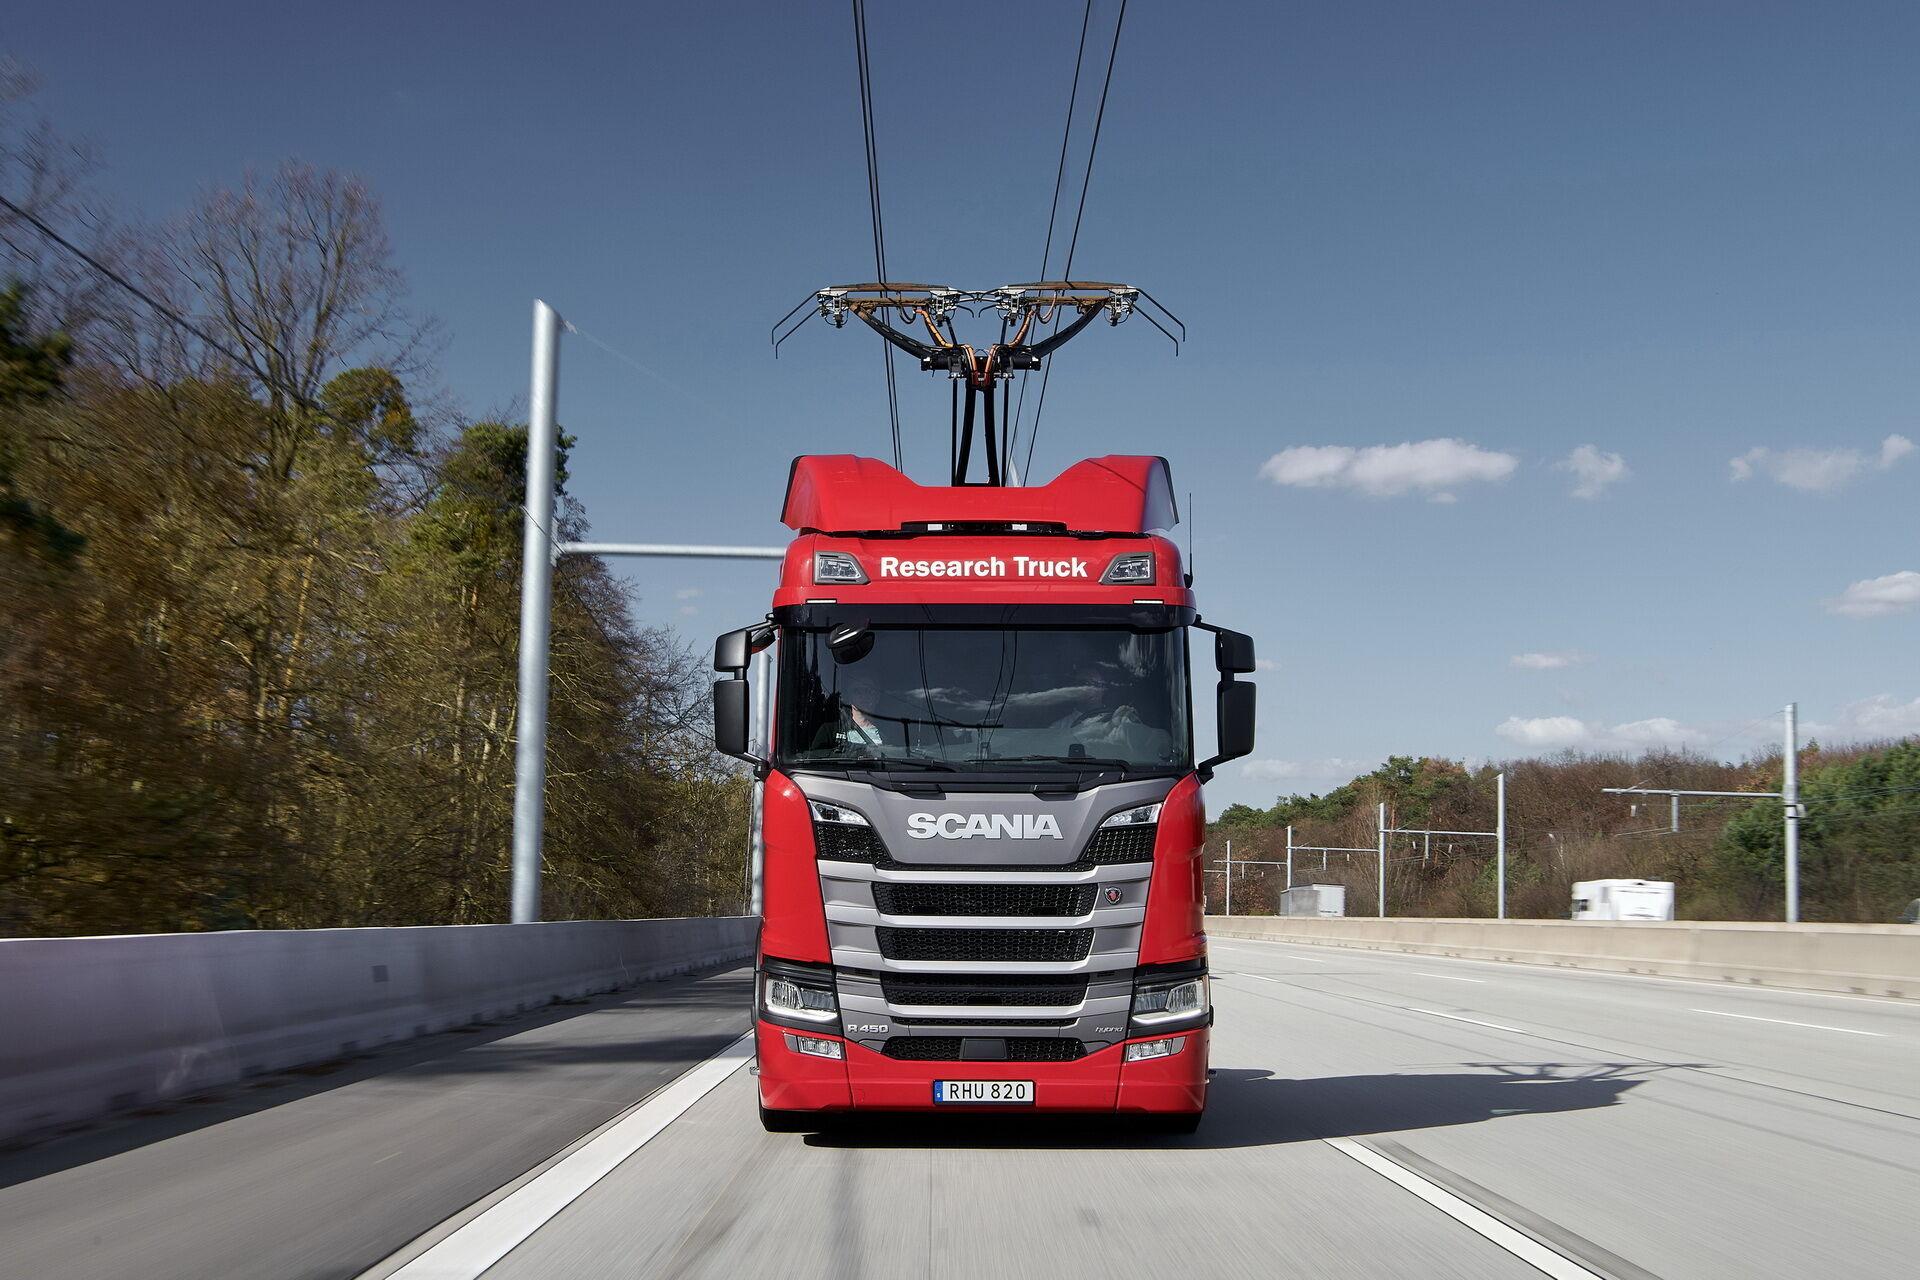 Дослідний електромобіль Scania R 450 4x2, створений у кооперації з компанією Siemens